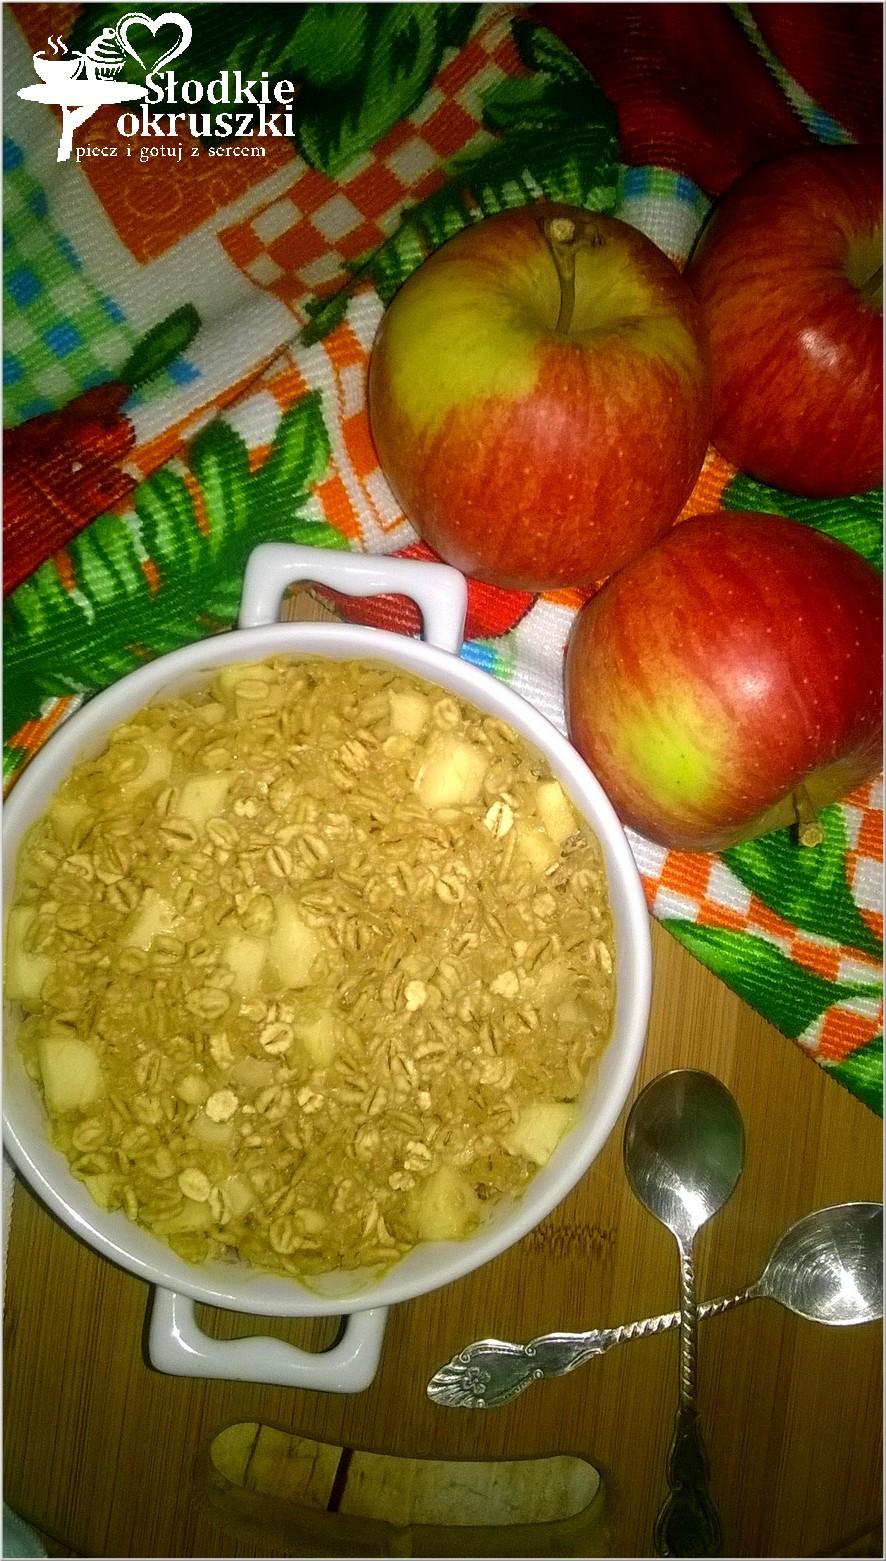 Zapiekane płatki jęczmienne z jabłkiem i melasą